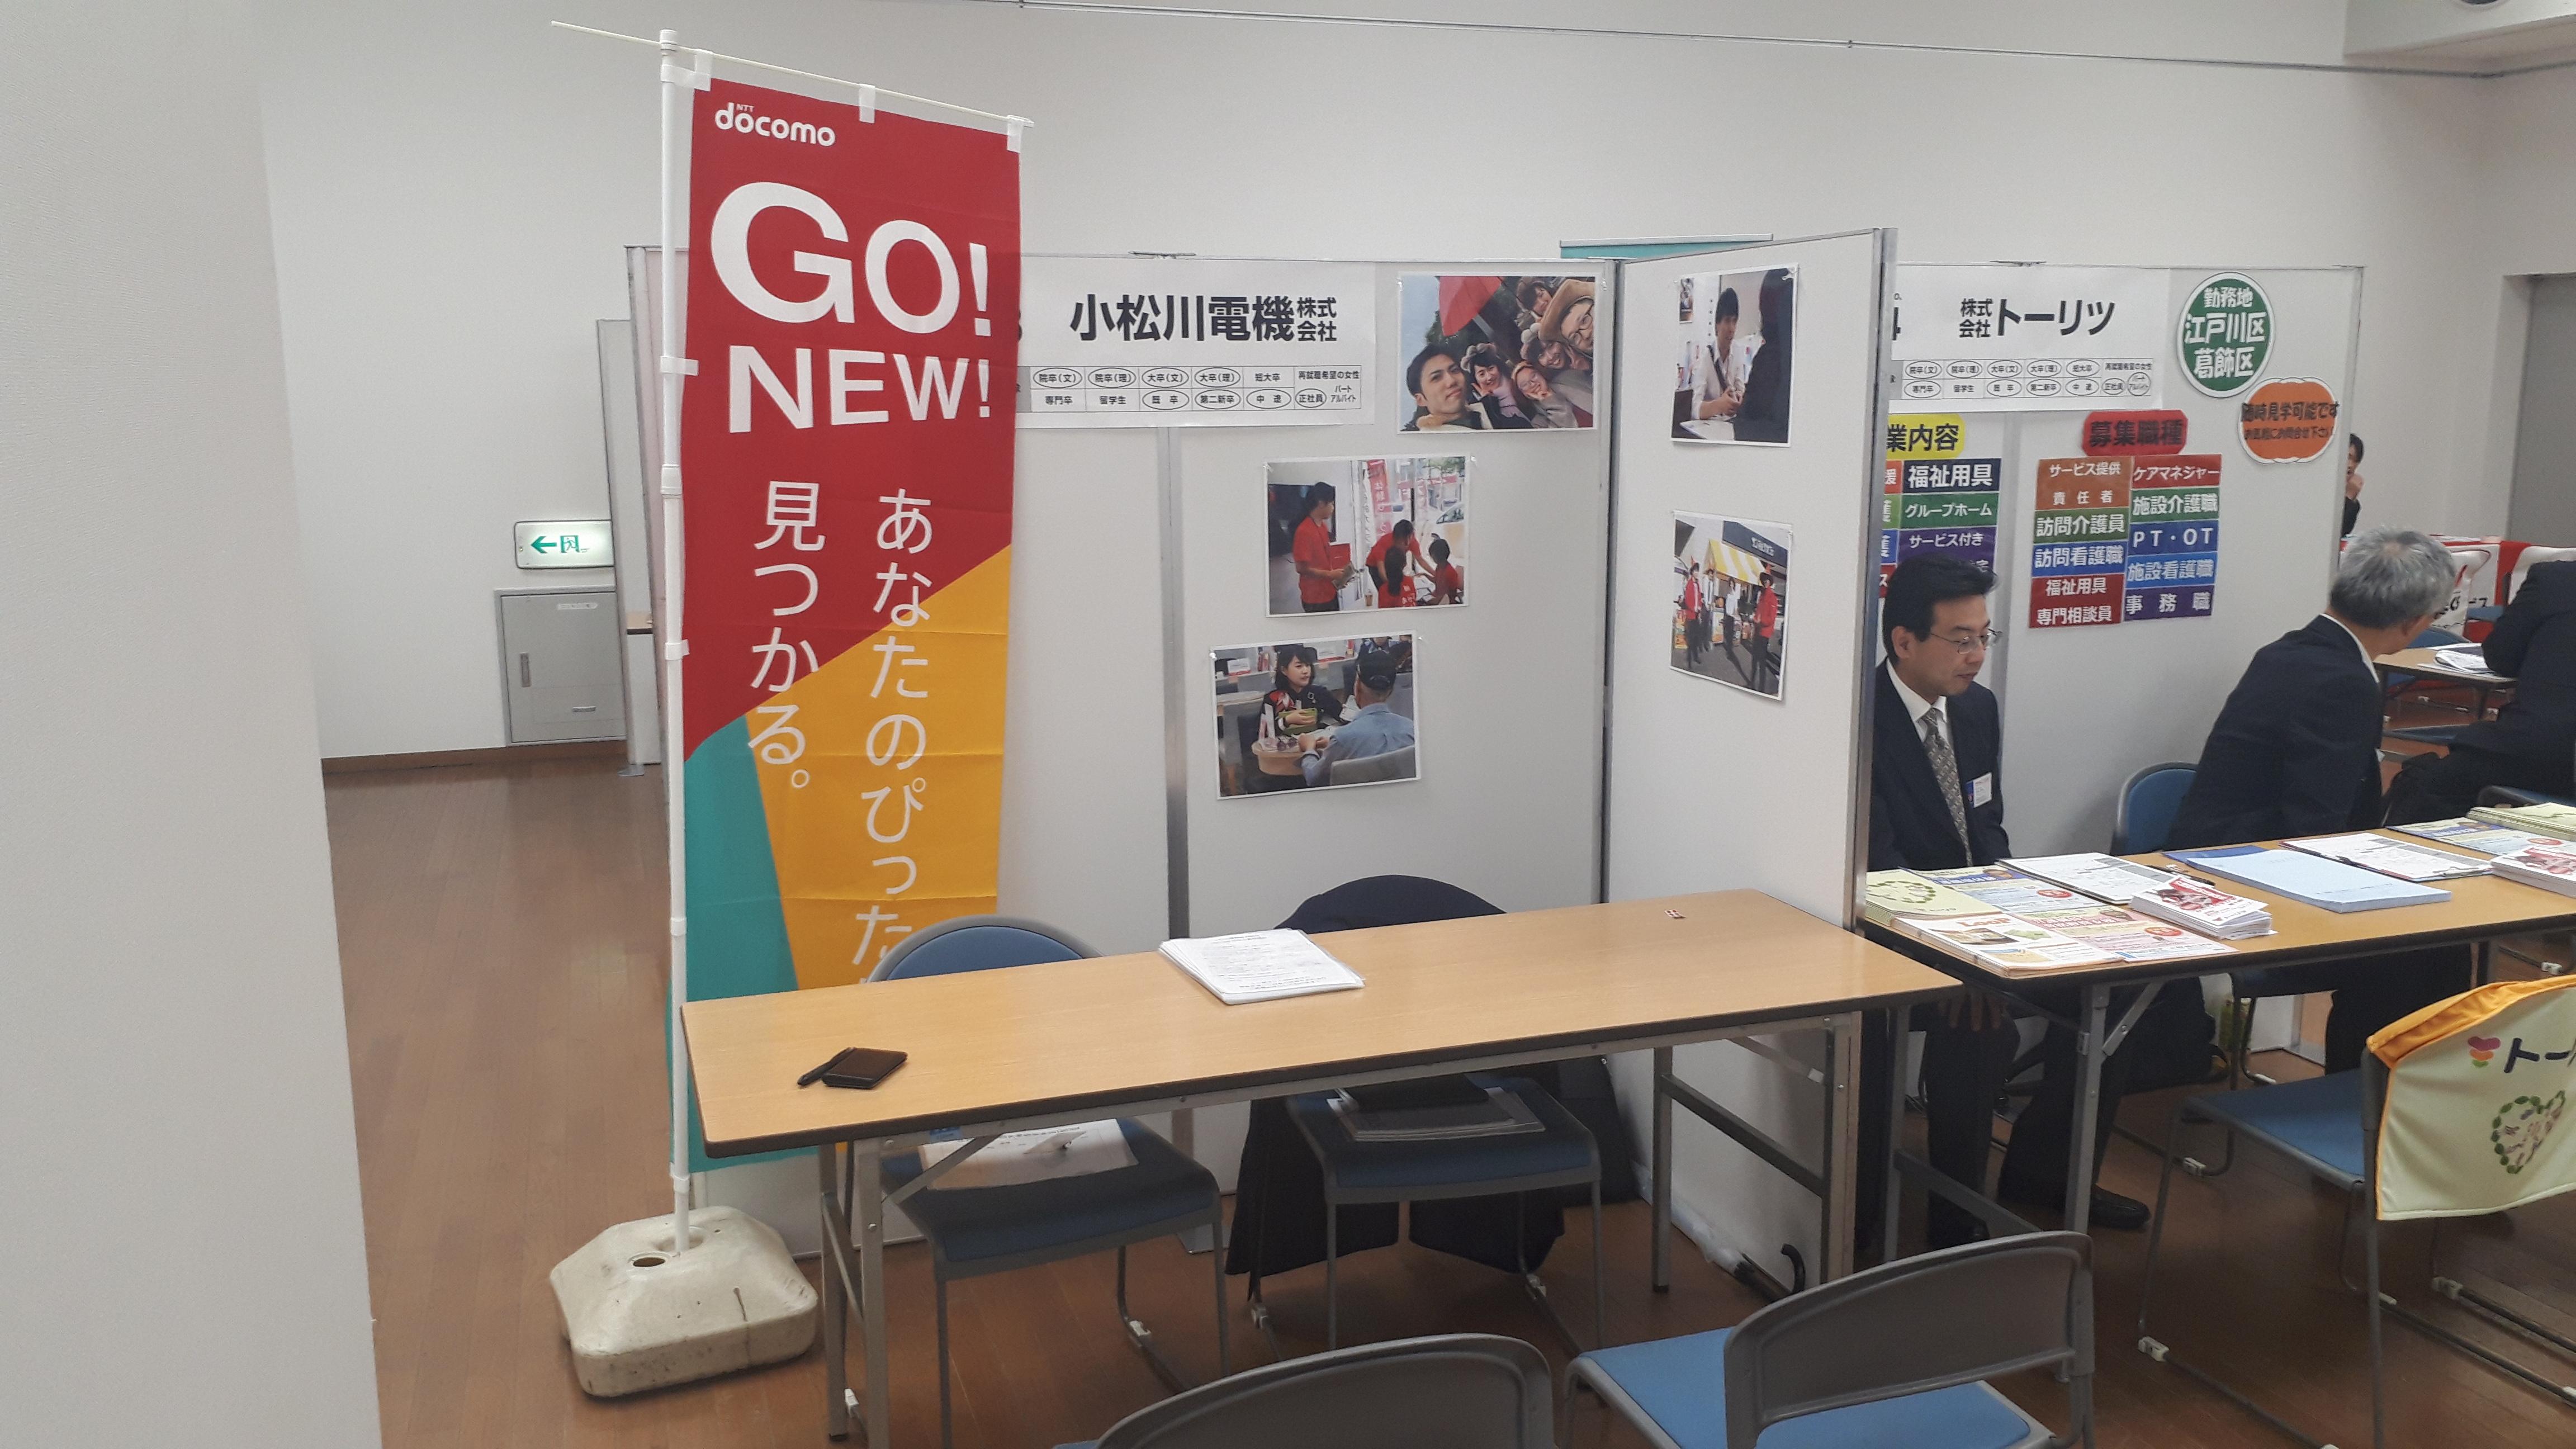 江戸川区合同企業説明会に参加いたしました。